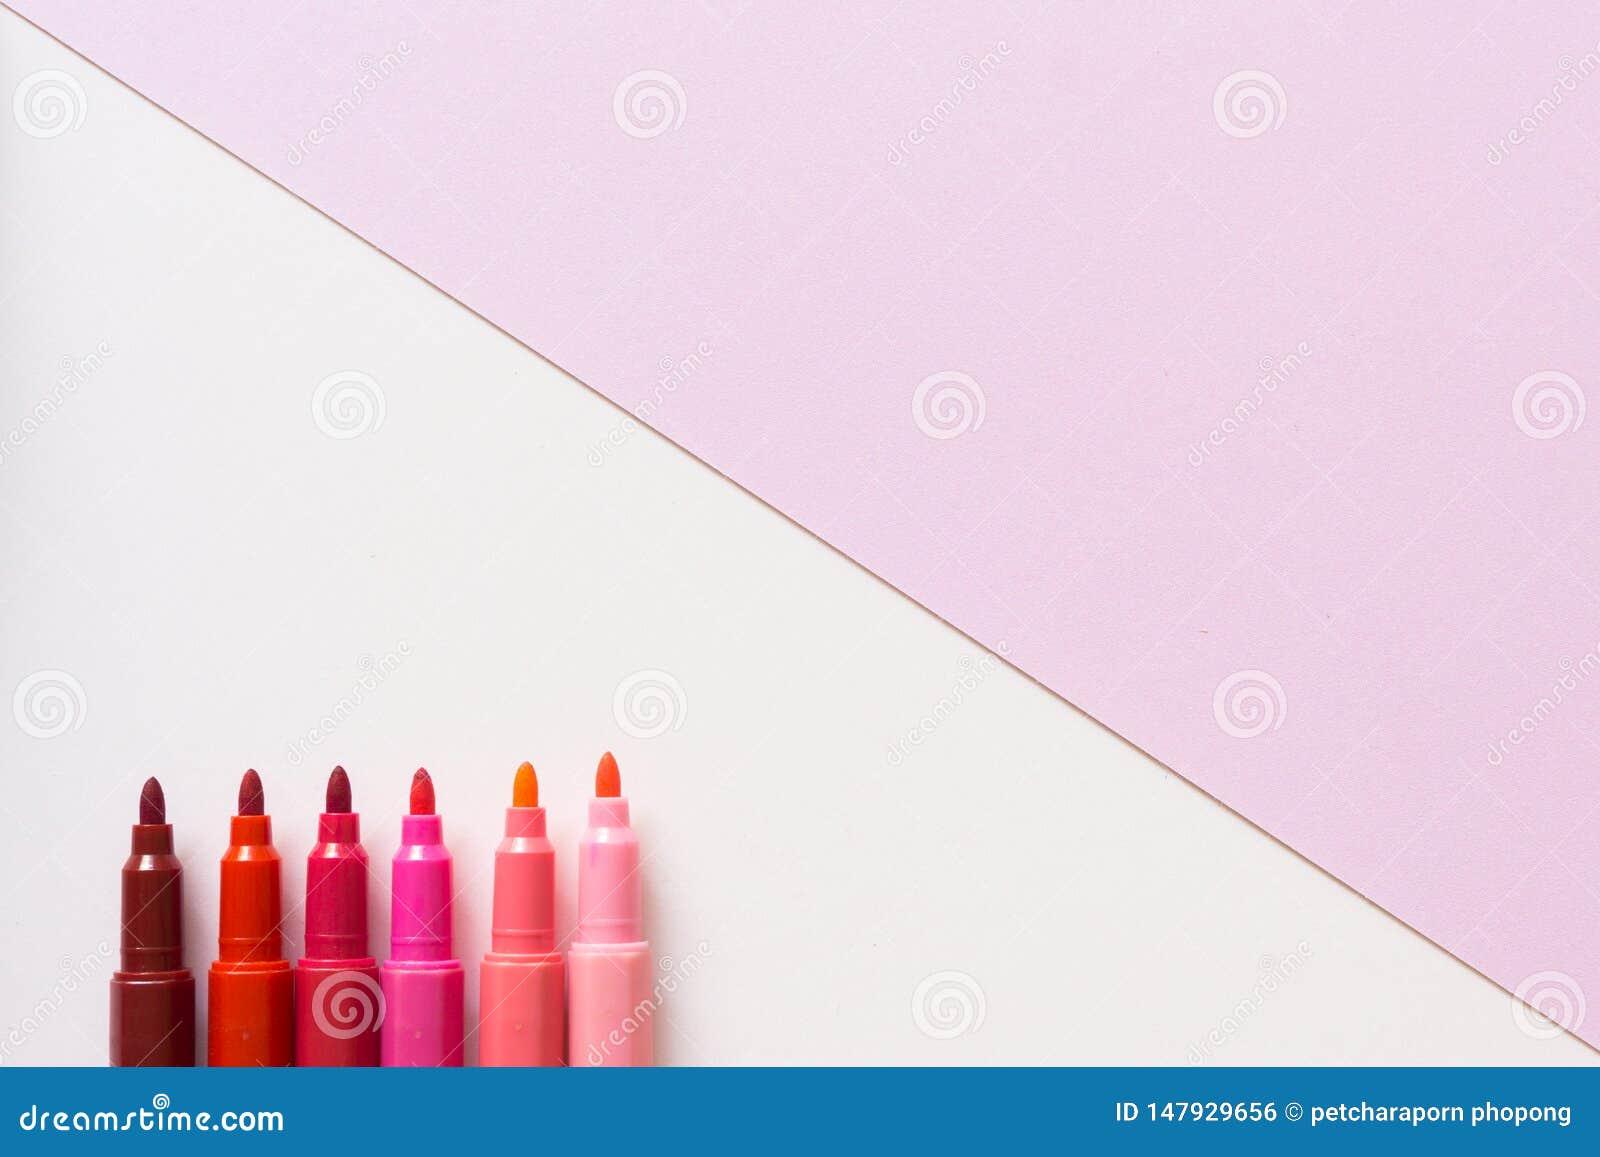 Pen pink on pastel pink color background